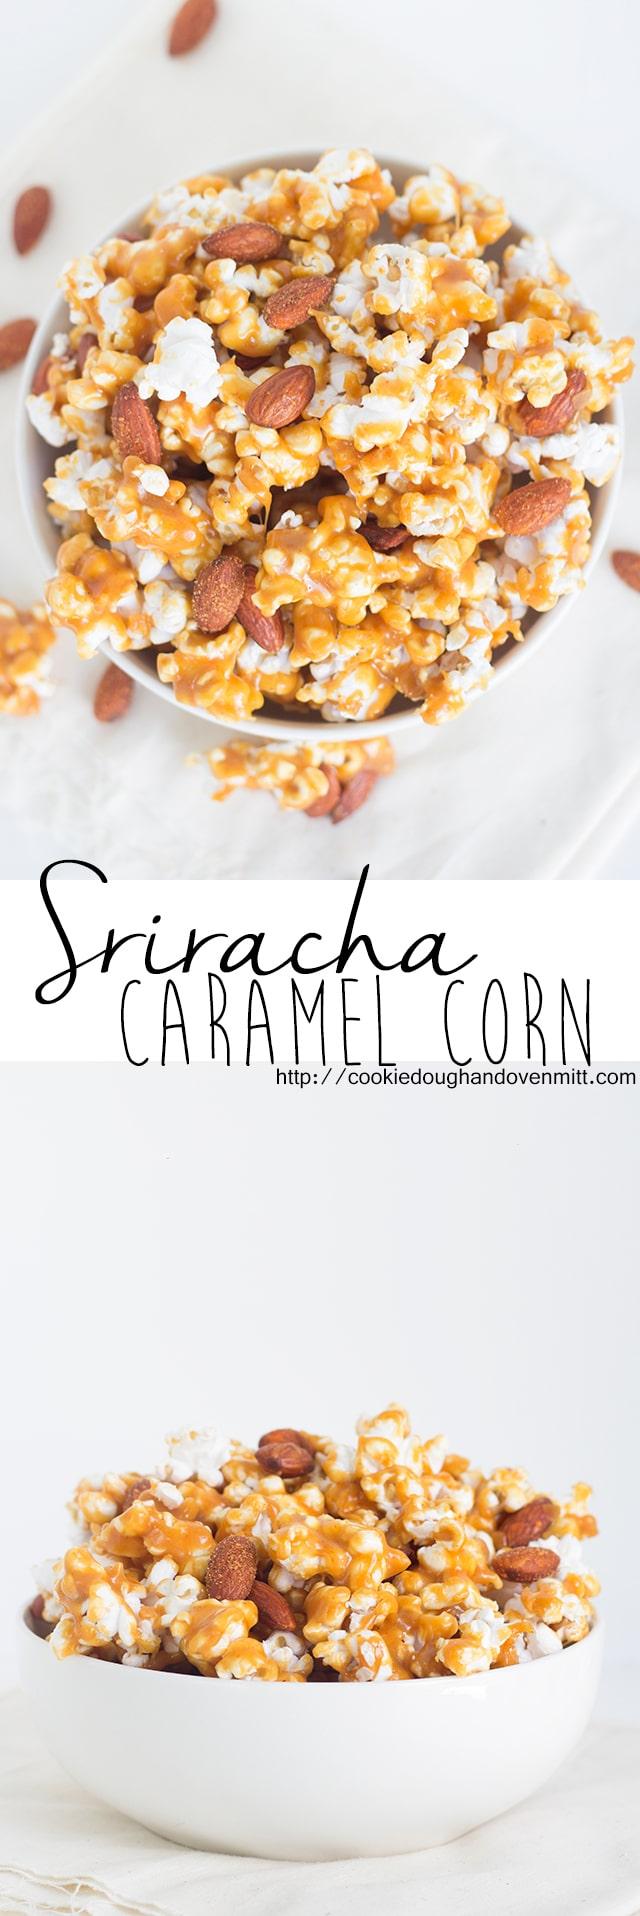 sriracha-caramel-corn-pin